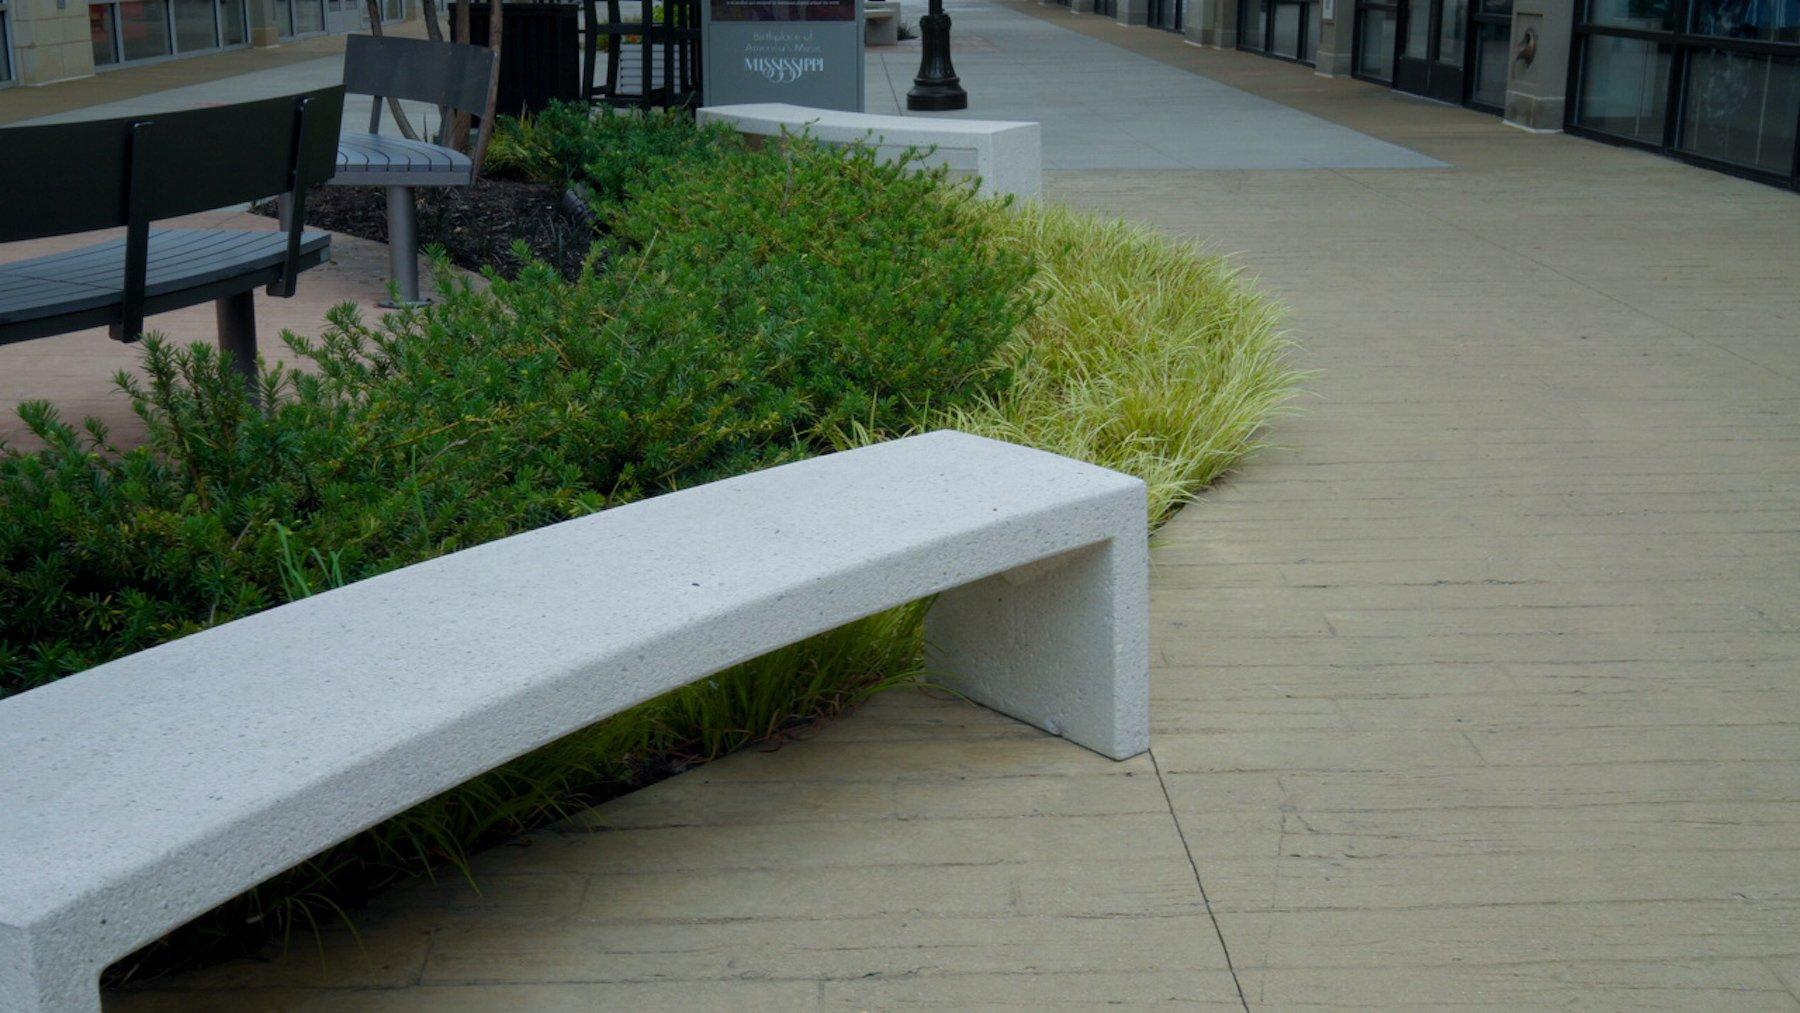 Retail shopping center bench design